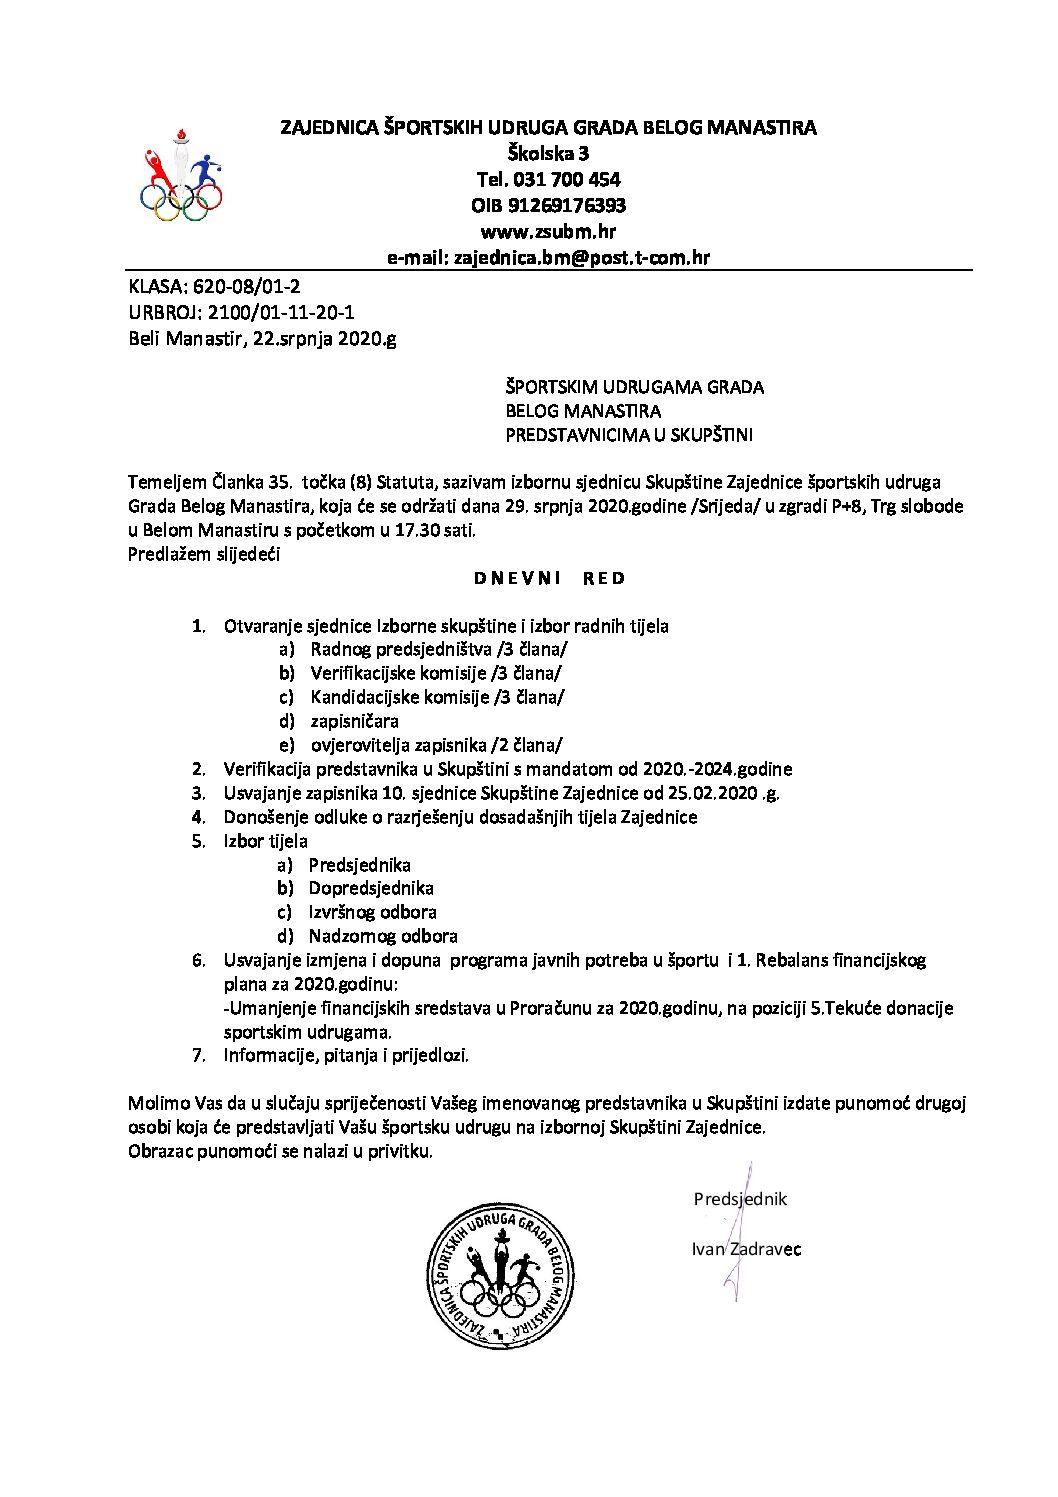 Izborna Skupština Zajednice športskih udruga Grada Belog Manastira – 29.srpnja 2020.g.